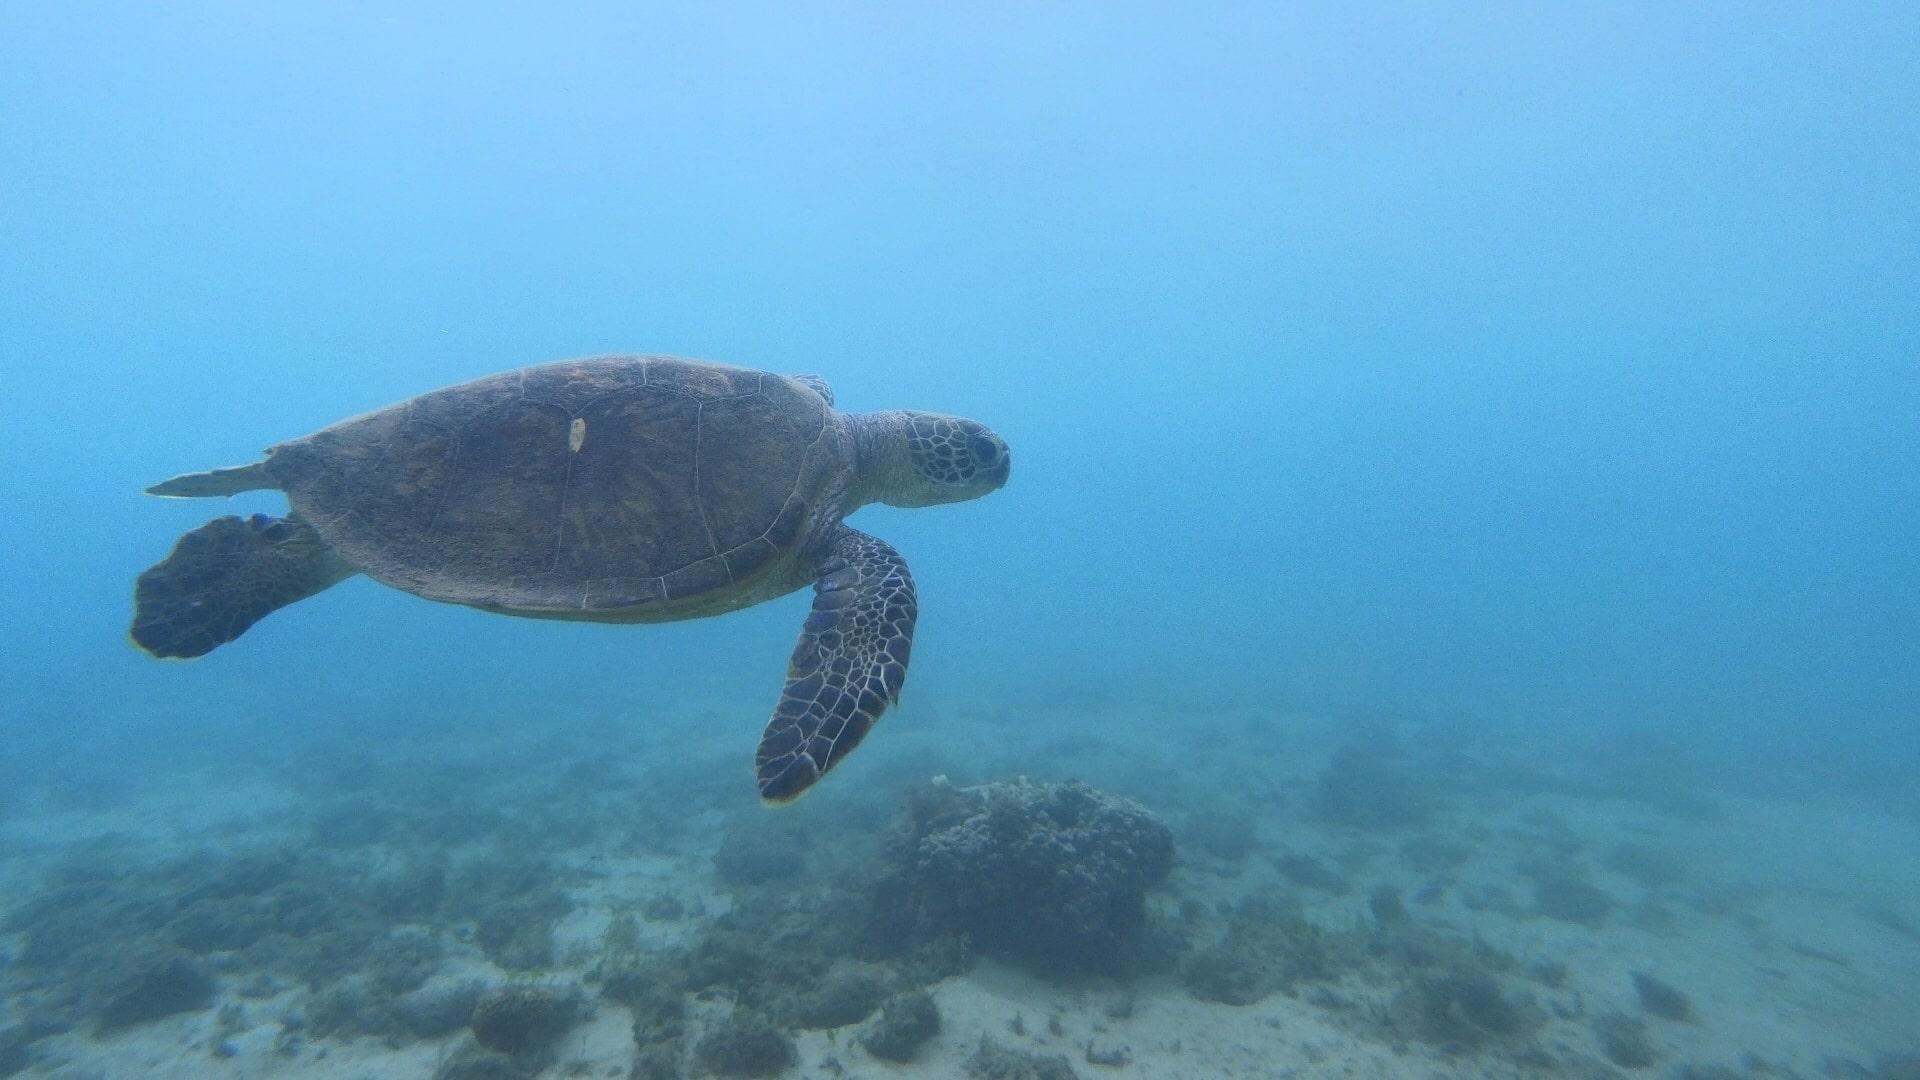 【奄美ダイビングログvol.3】ゴミを拾ったらウミガメに会えた嘘のような本当の話